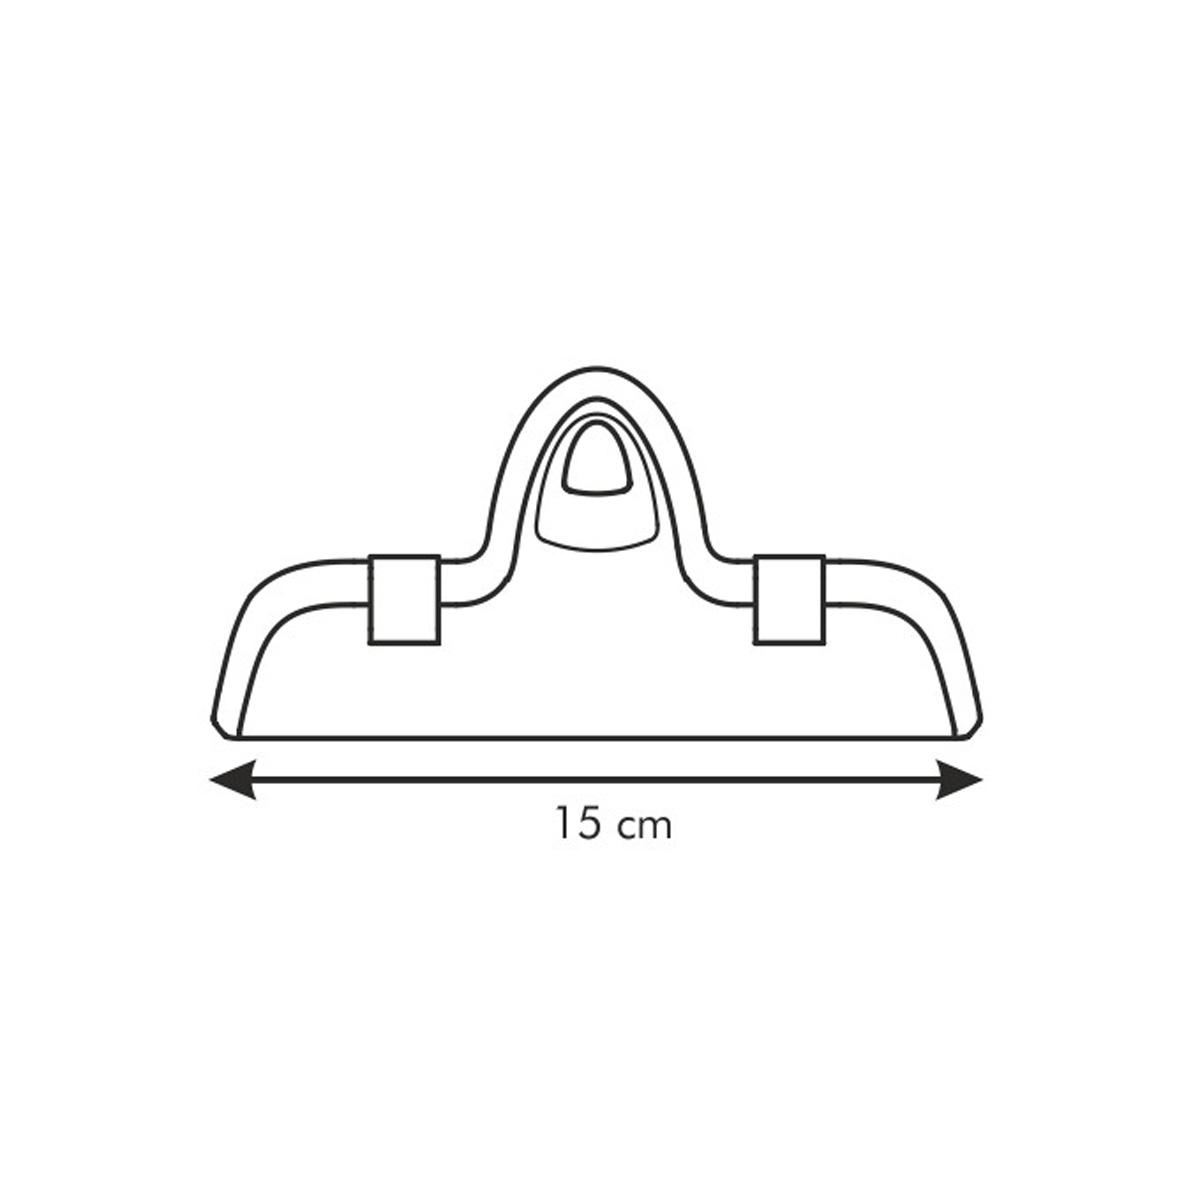 Klipsa na sáčky PRESTO 15 cm, 1 ks